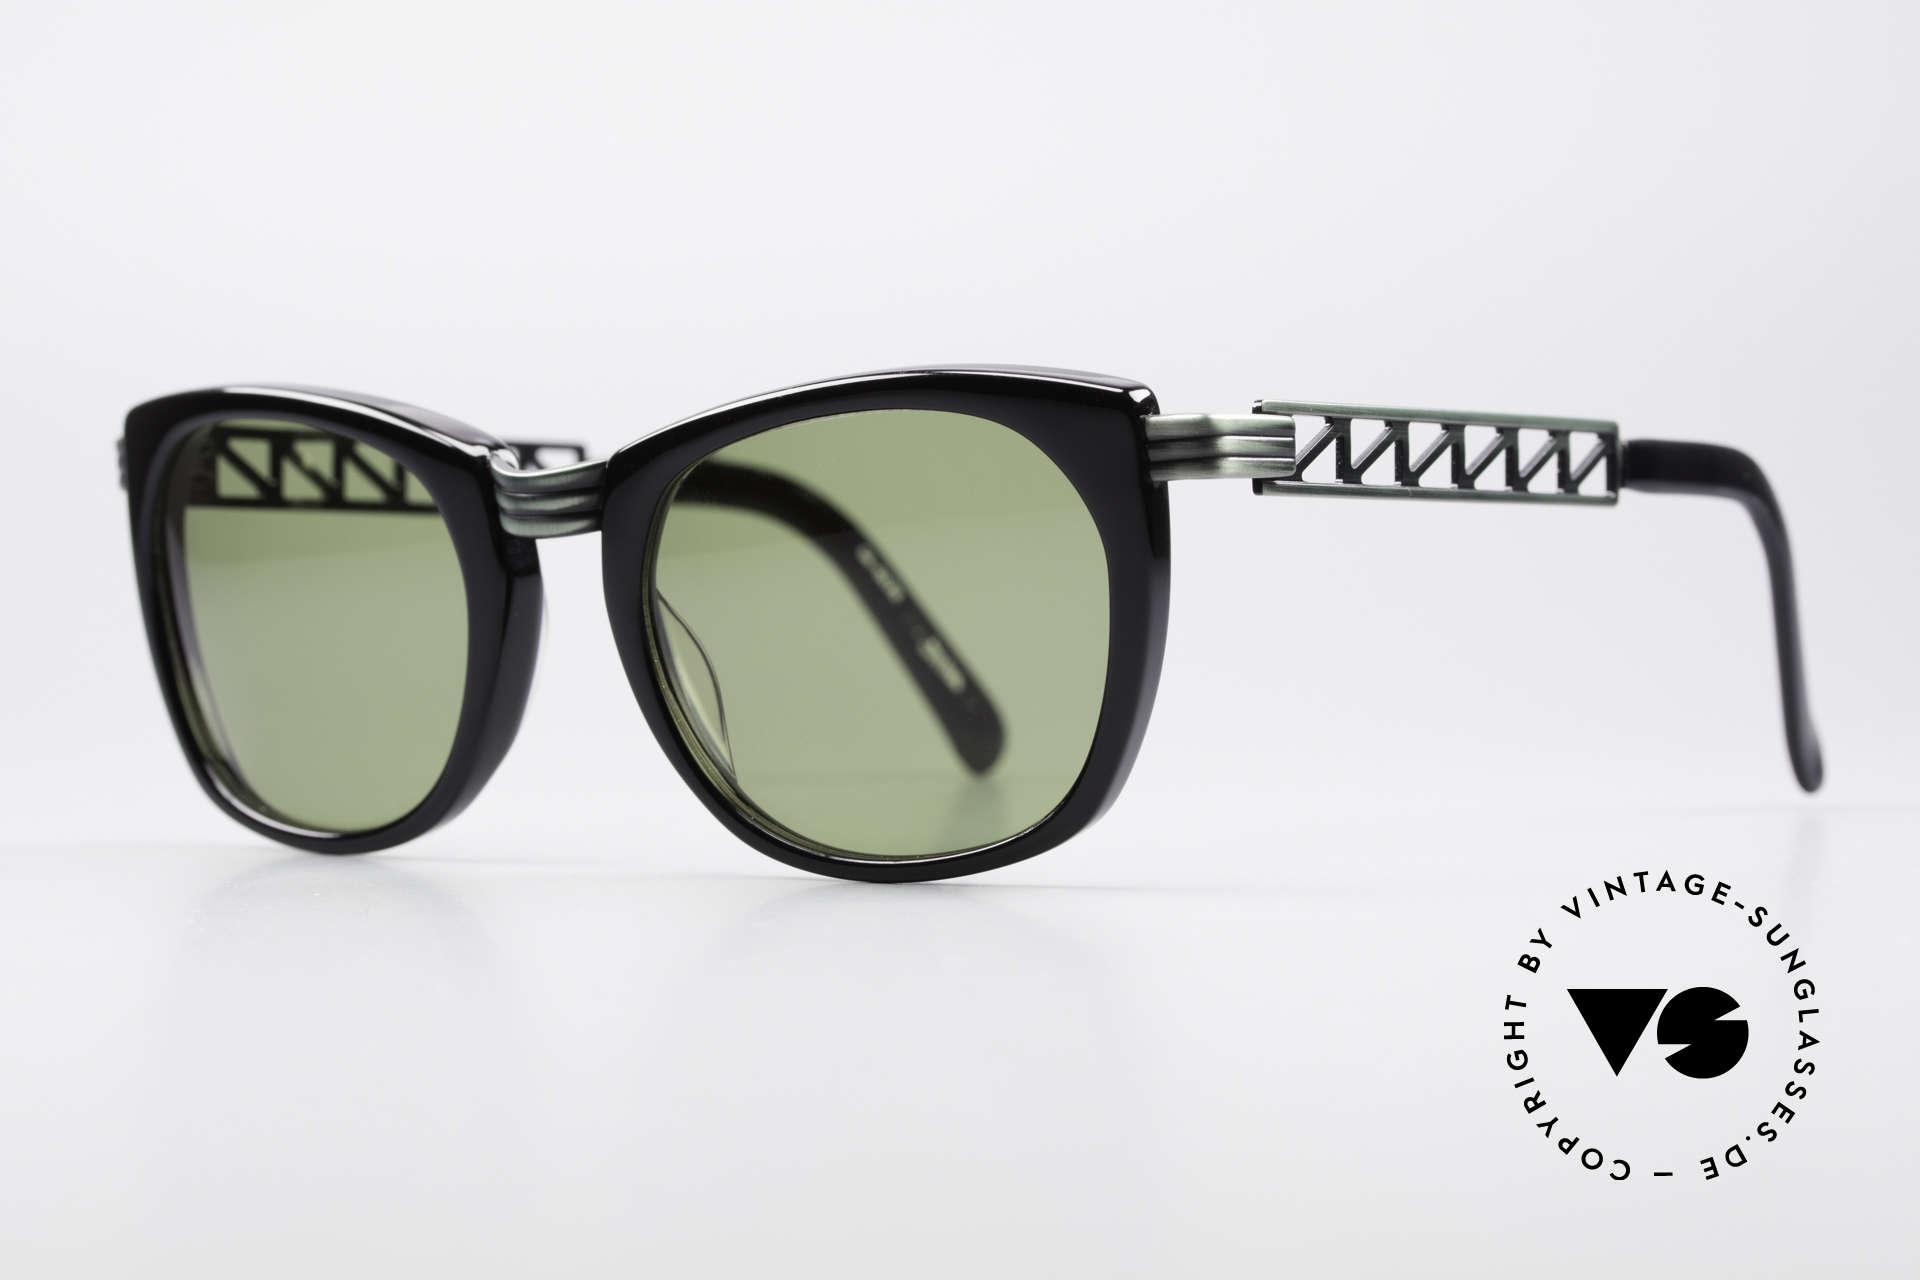 """Jean Paul Gaultier 56-0272 90er Steampunk Sonnenbrille, """"rusty green"""" Lackierung & grüne Sonnengläser, Passend für Herren und Damen"""